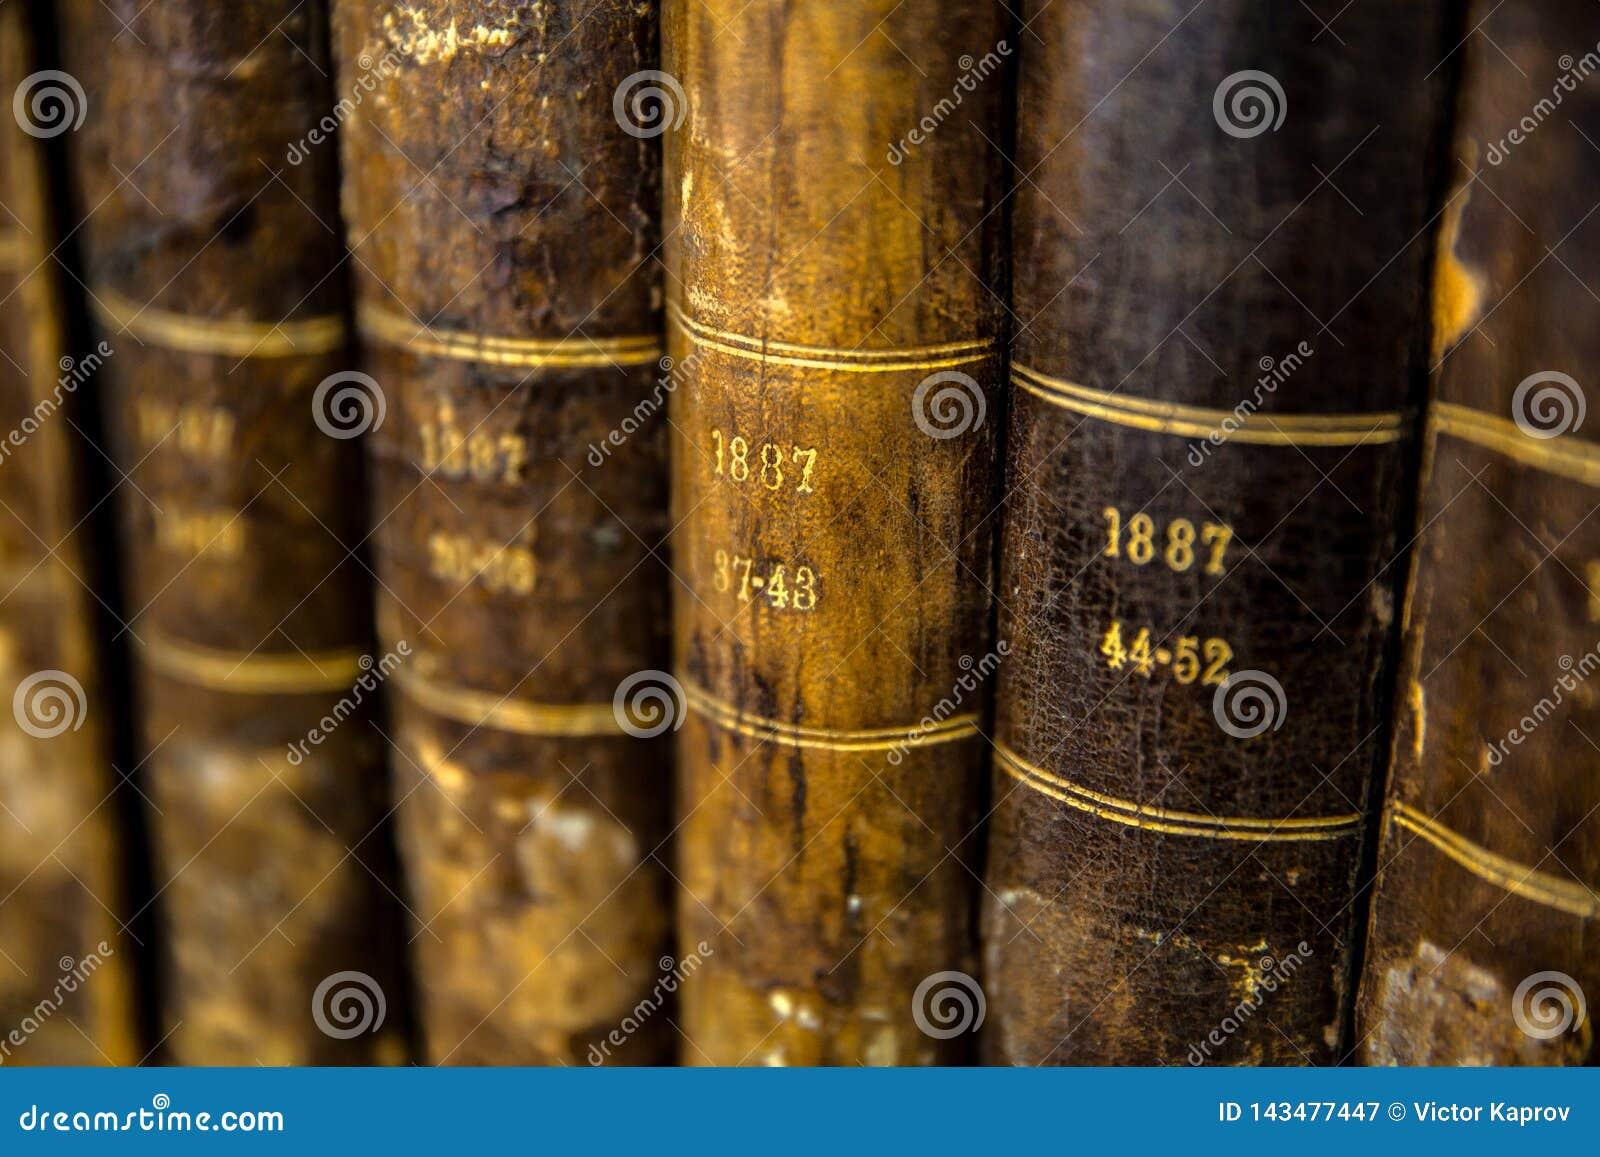 Close-up de um número de livros muito velhos